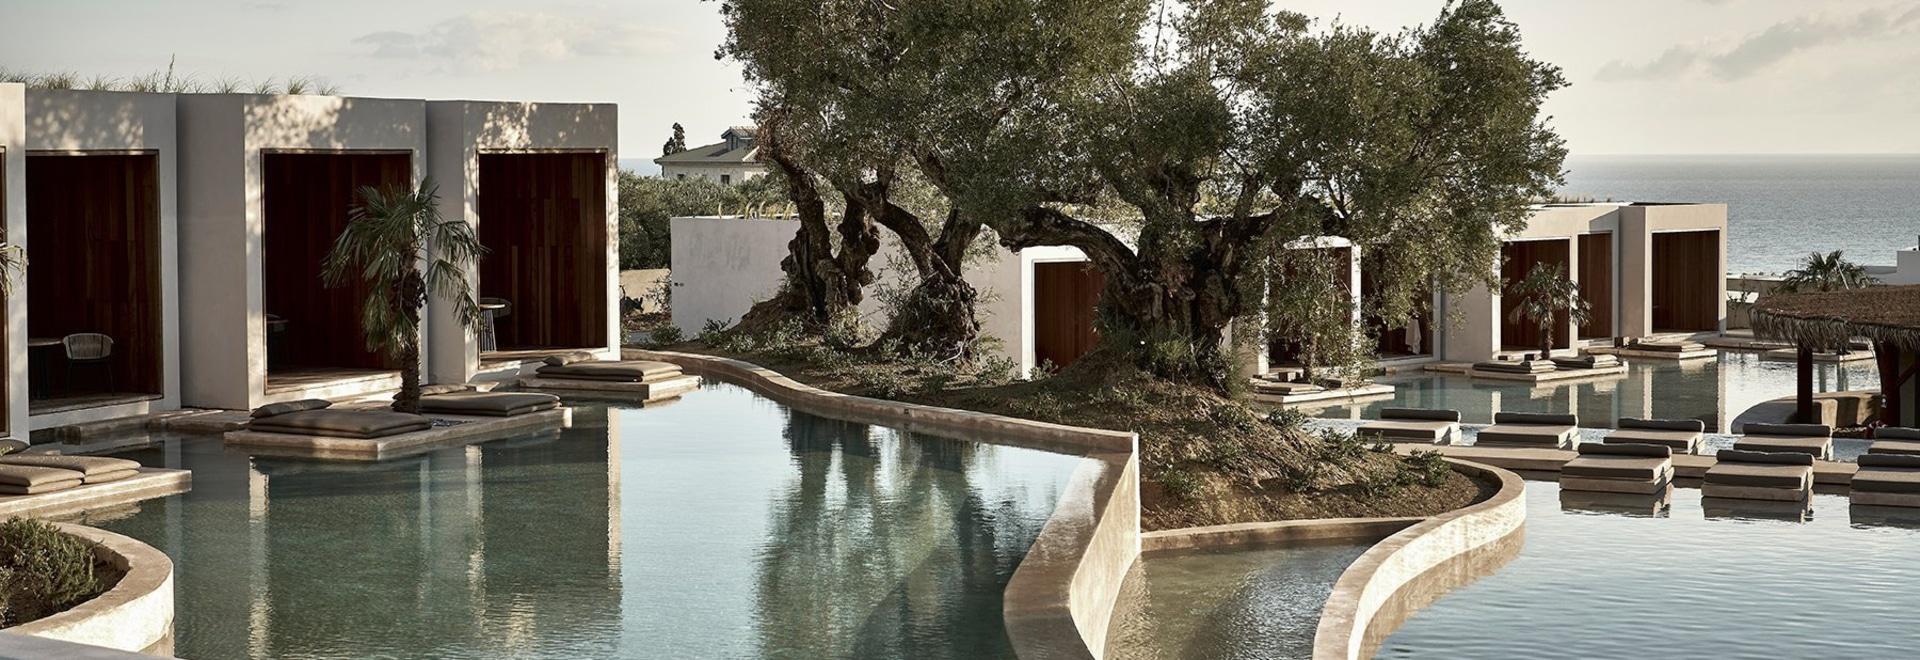 Un hotel in Grecia da block722 circonda un lago sereno e artificiale